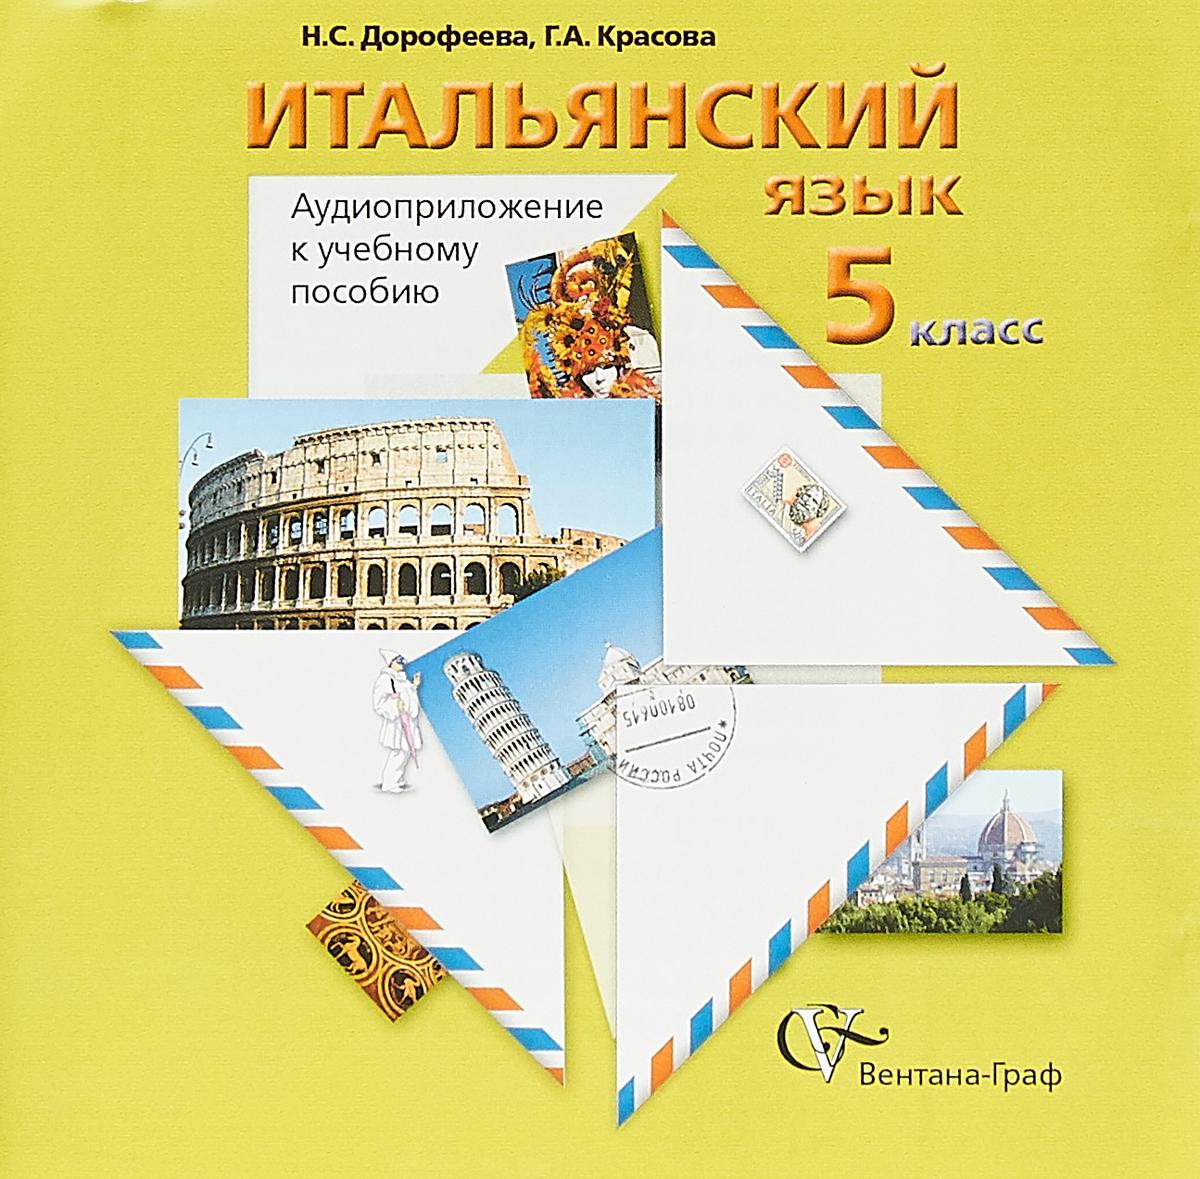 Н. С. Дорофеева, Г. А. Красова Итальянский язык. 5 класс. Аудиоприложение к учебному пособию (CD)